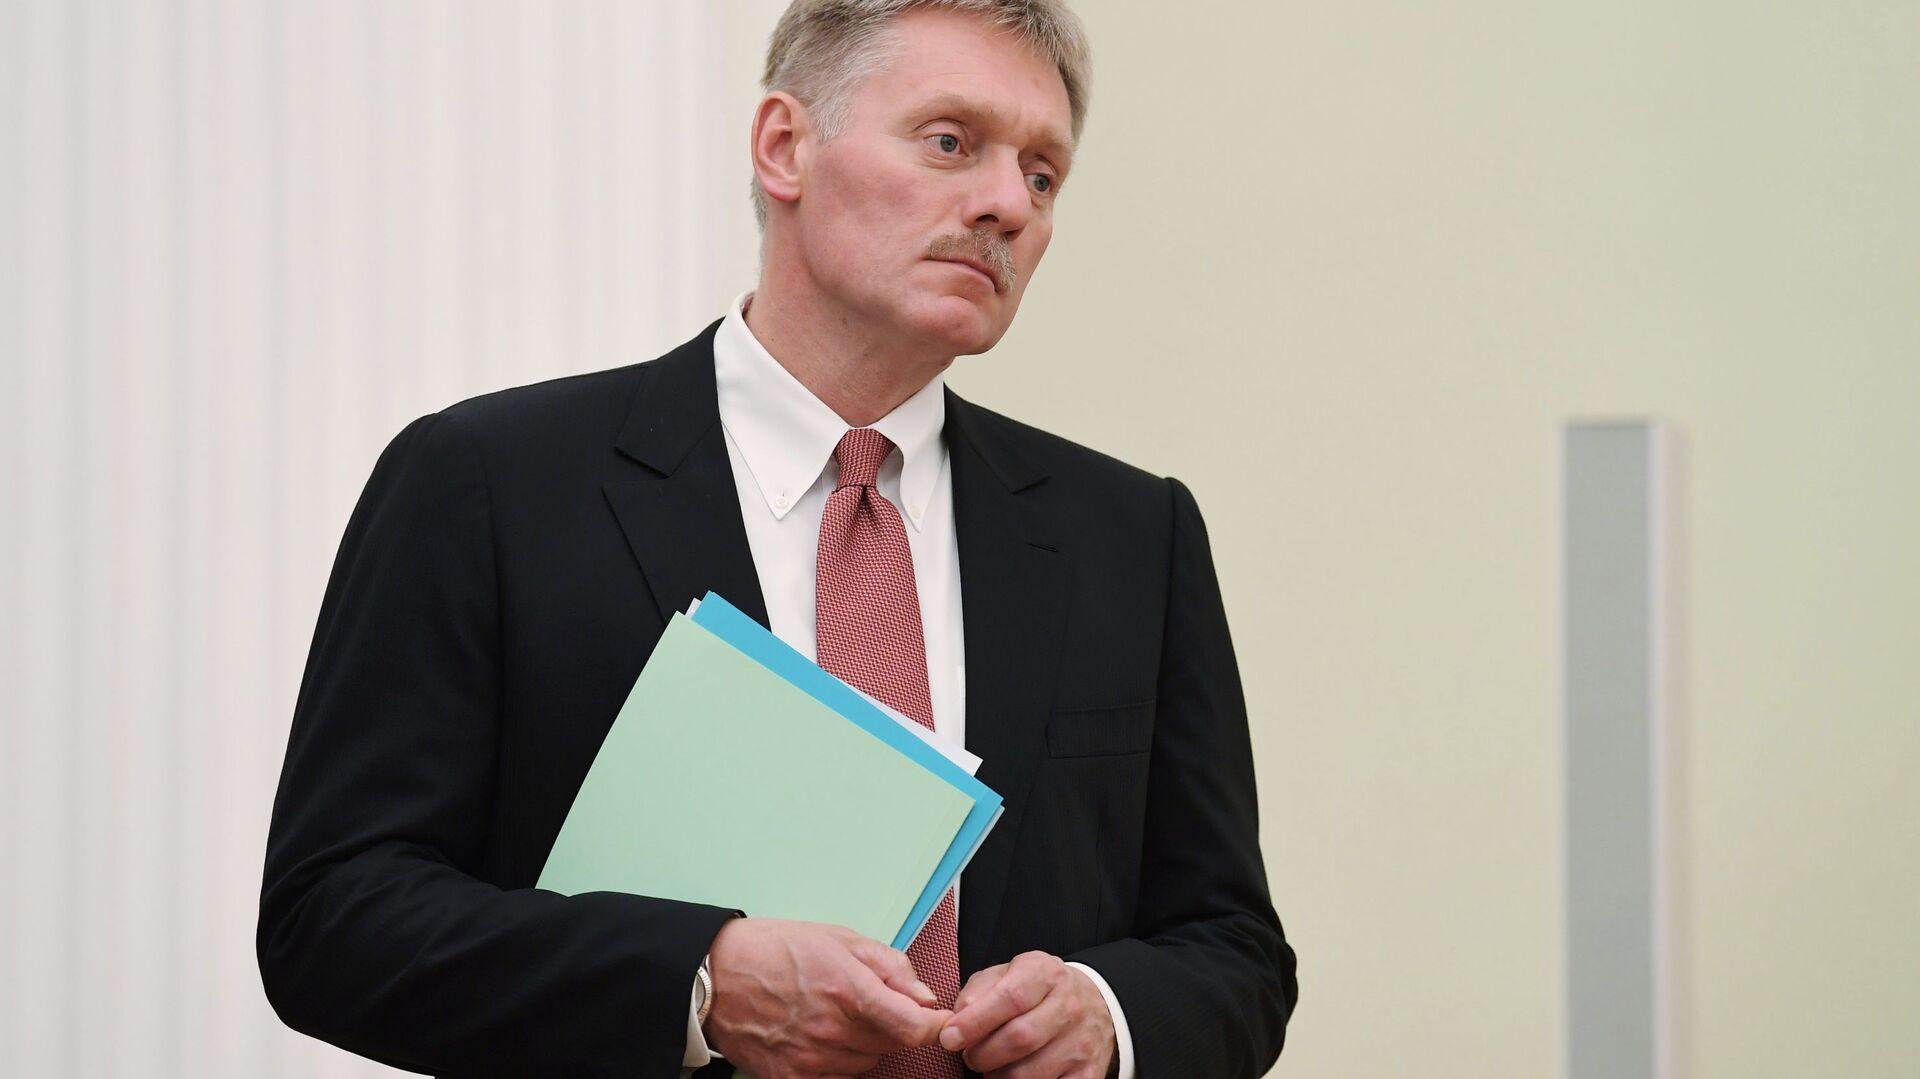 Пресс-секретарь президента России Дмитрий Песков - Sputnik Таджикистан, 1920, 23.09.2021